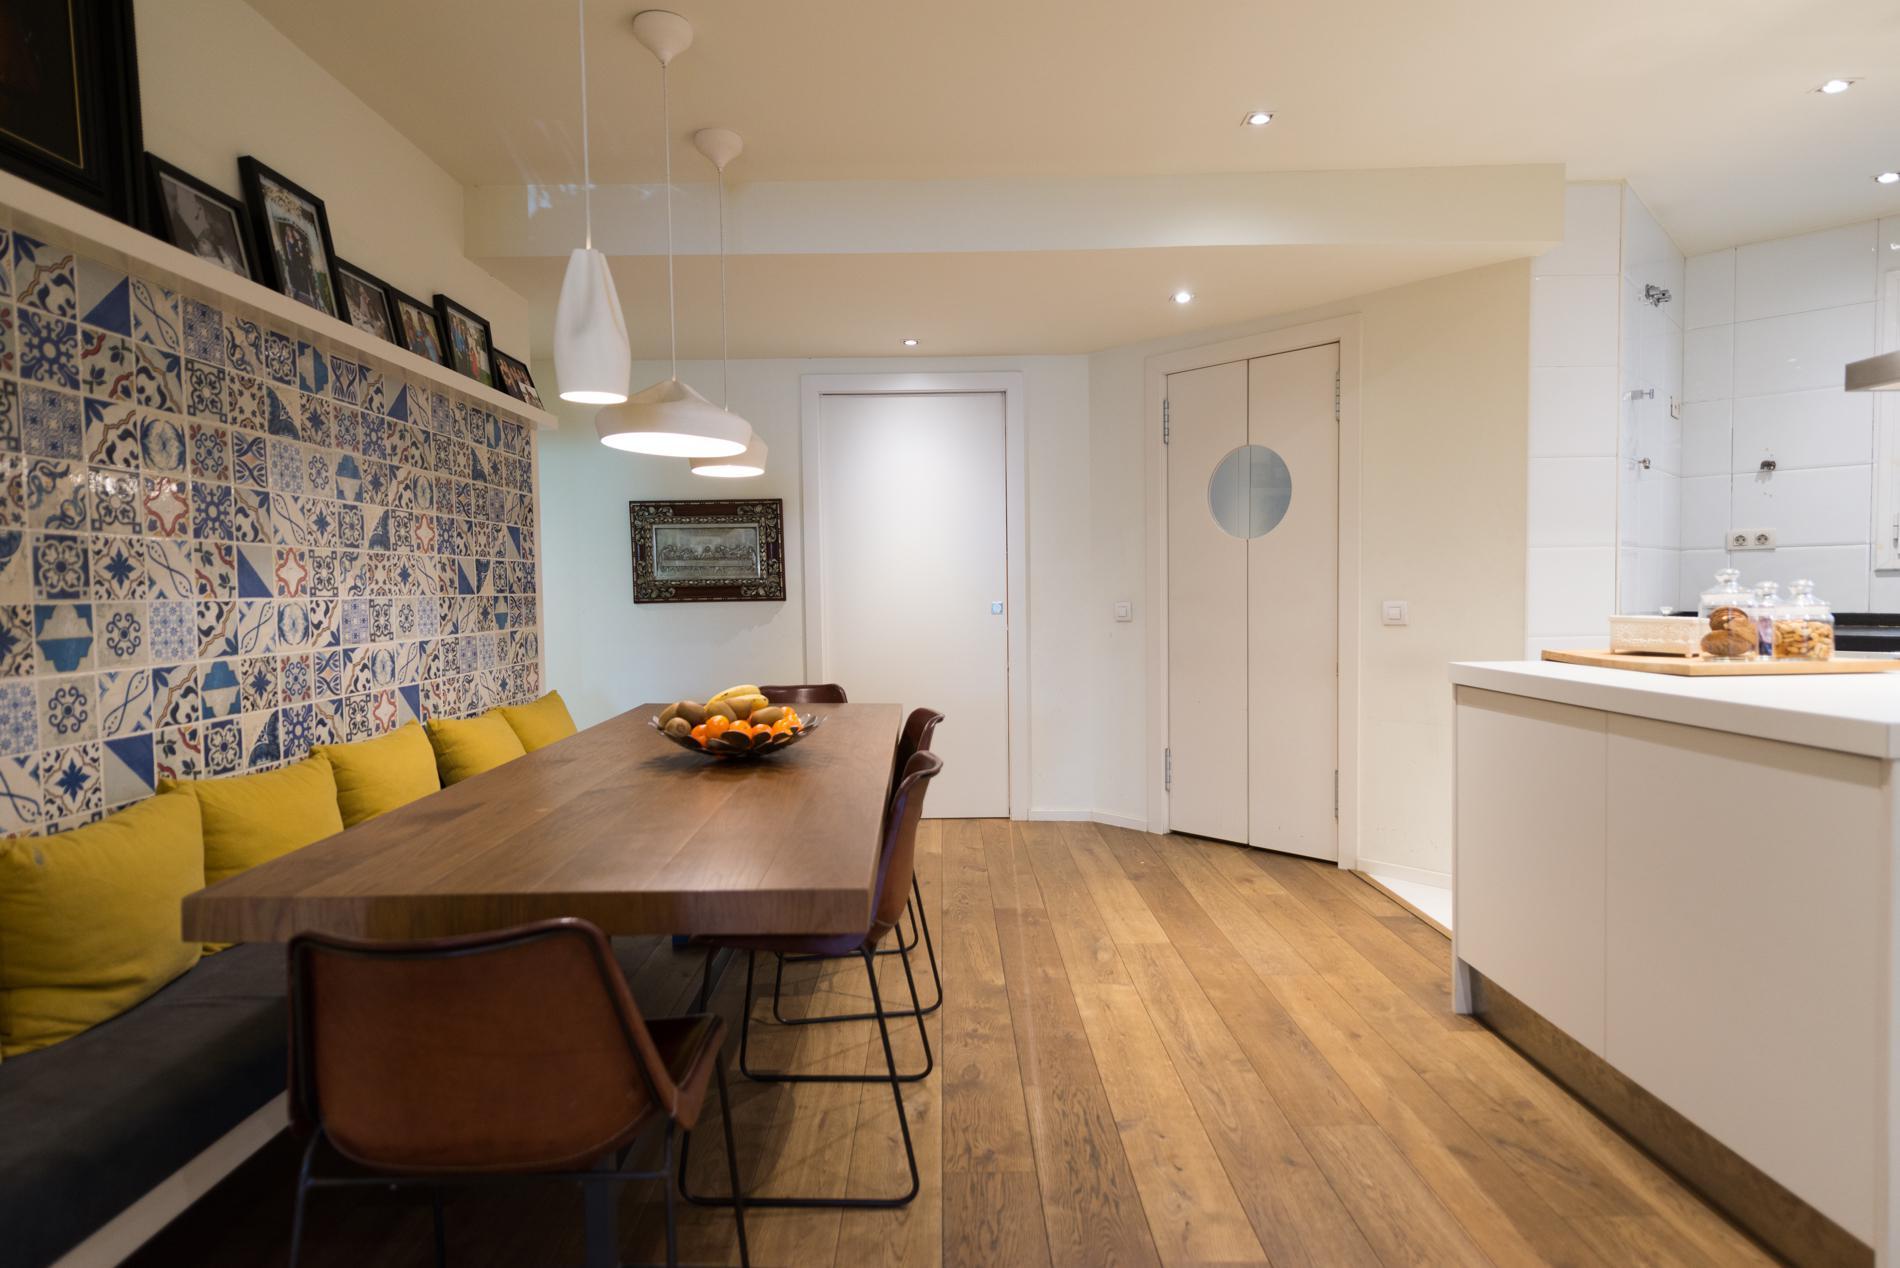 222426 Apartment for sale in Eixample, Dreta Eixample 10